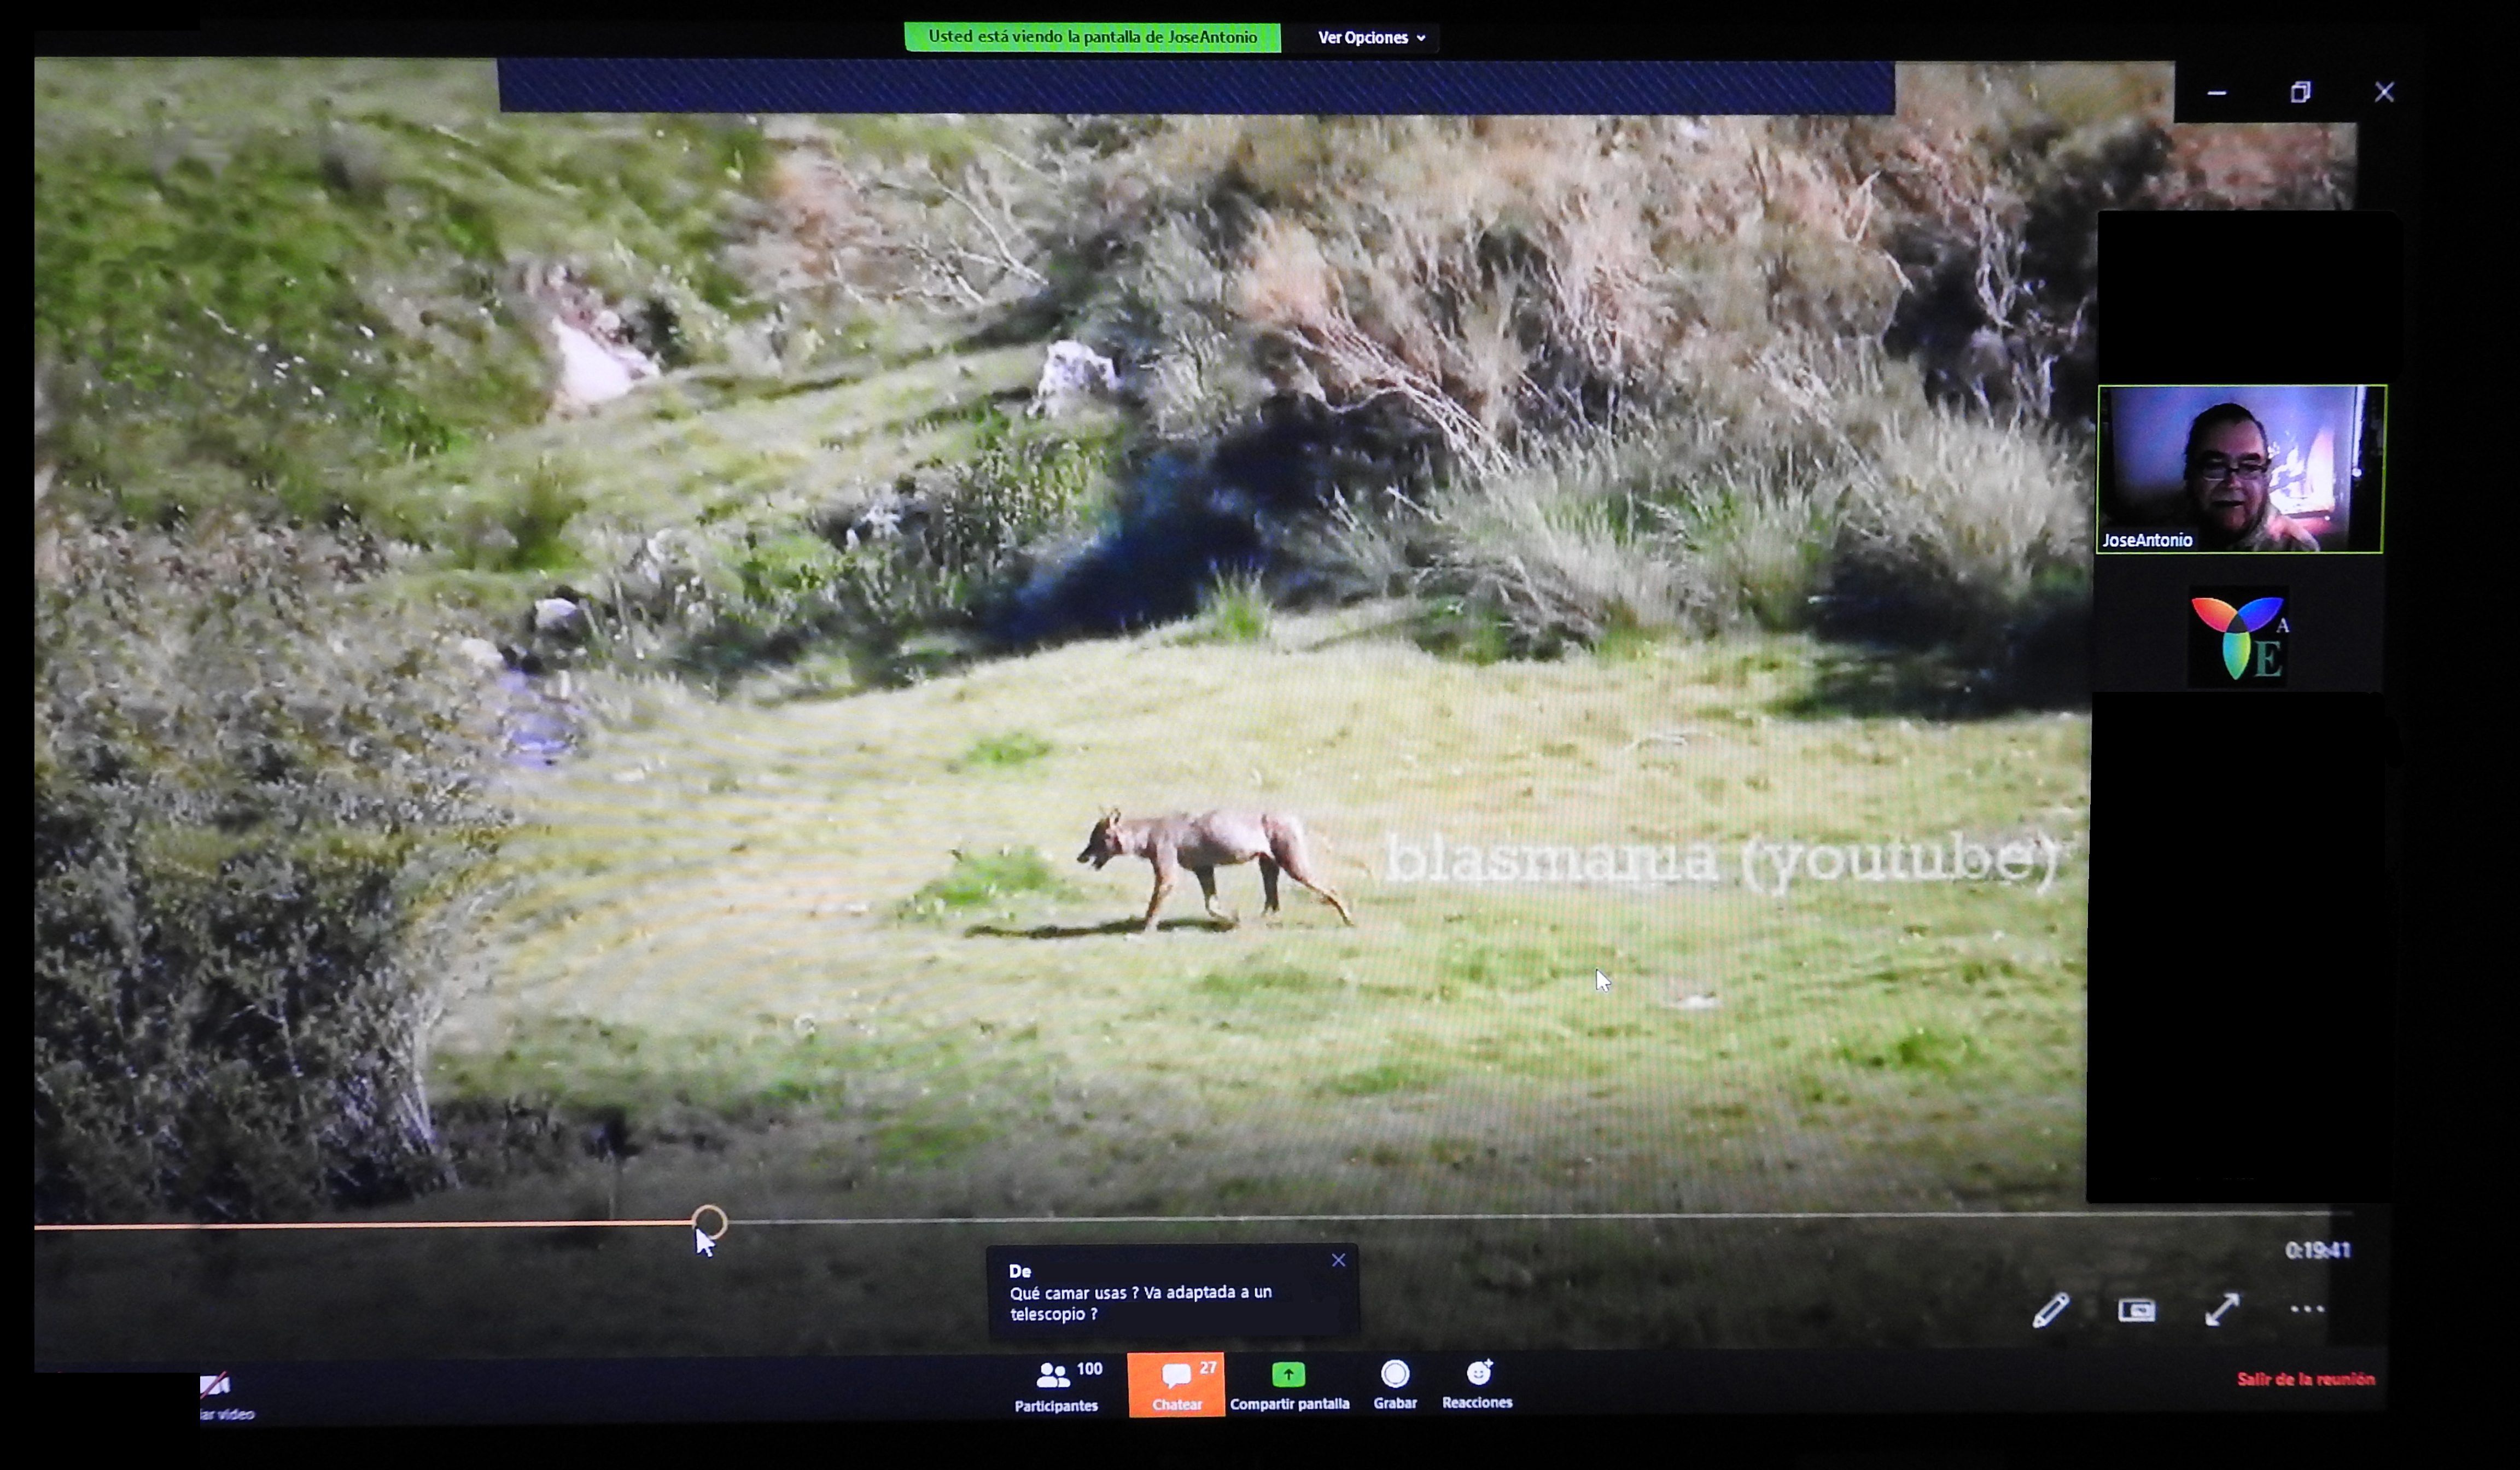 Un momento de la intervención de José Antonio 'Blas' de la Fuente en la videoconferencia sobre el lobo organizada por la asociación Ecotono